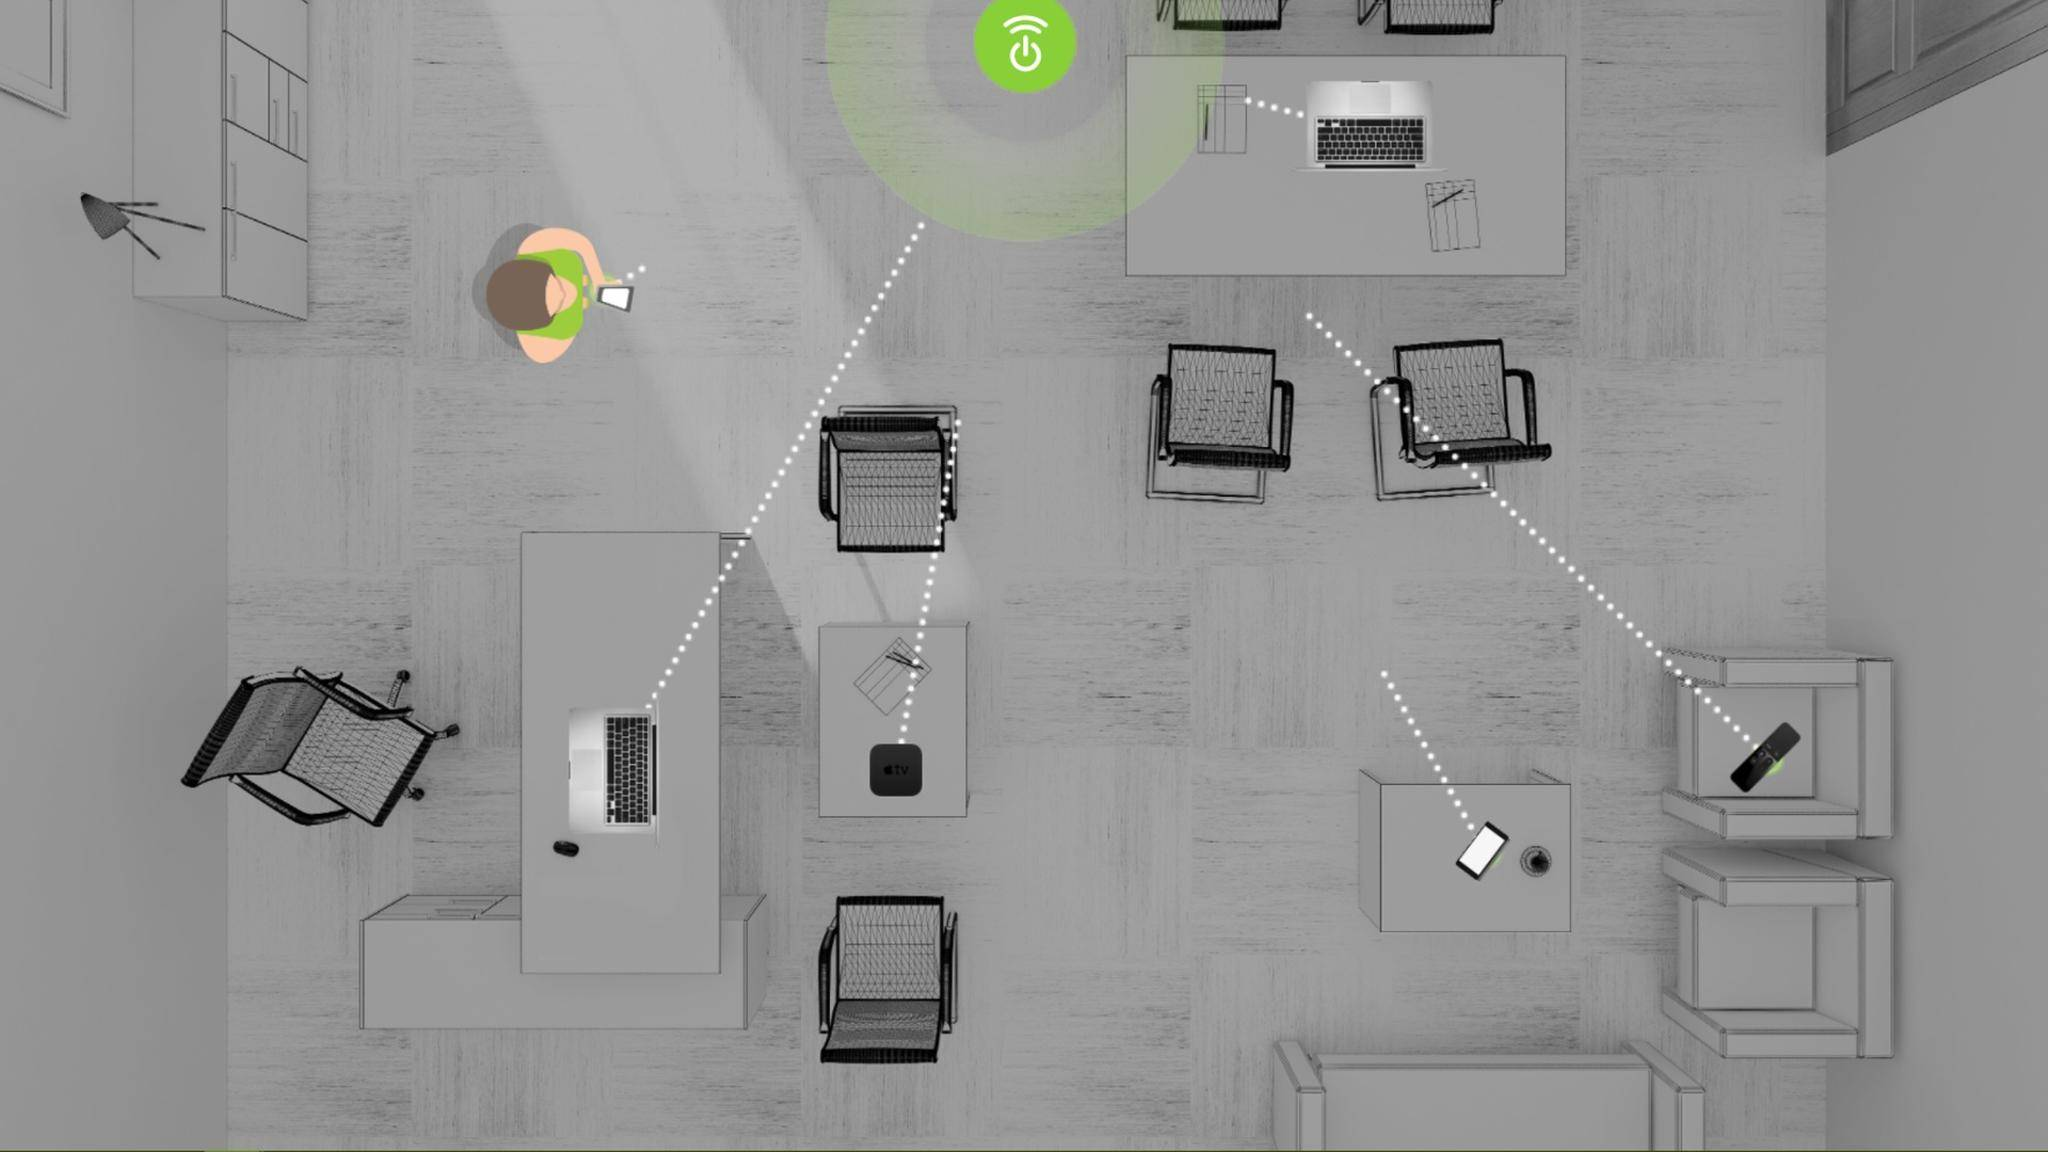 Ossia Cota lädt Geräte über größere Distanzen kabellos auf.